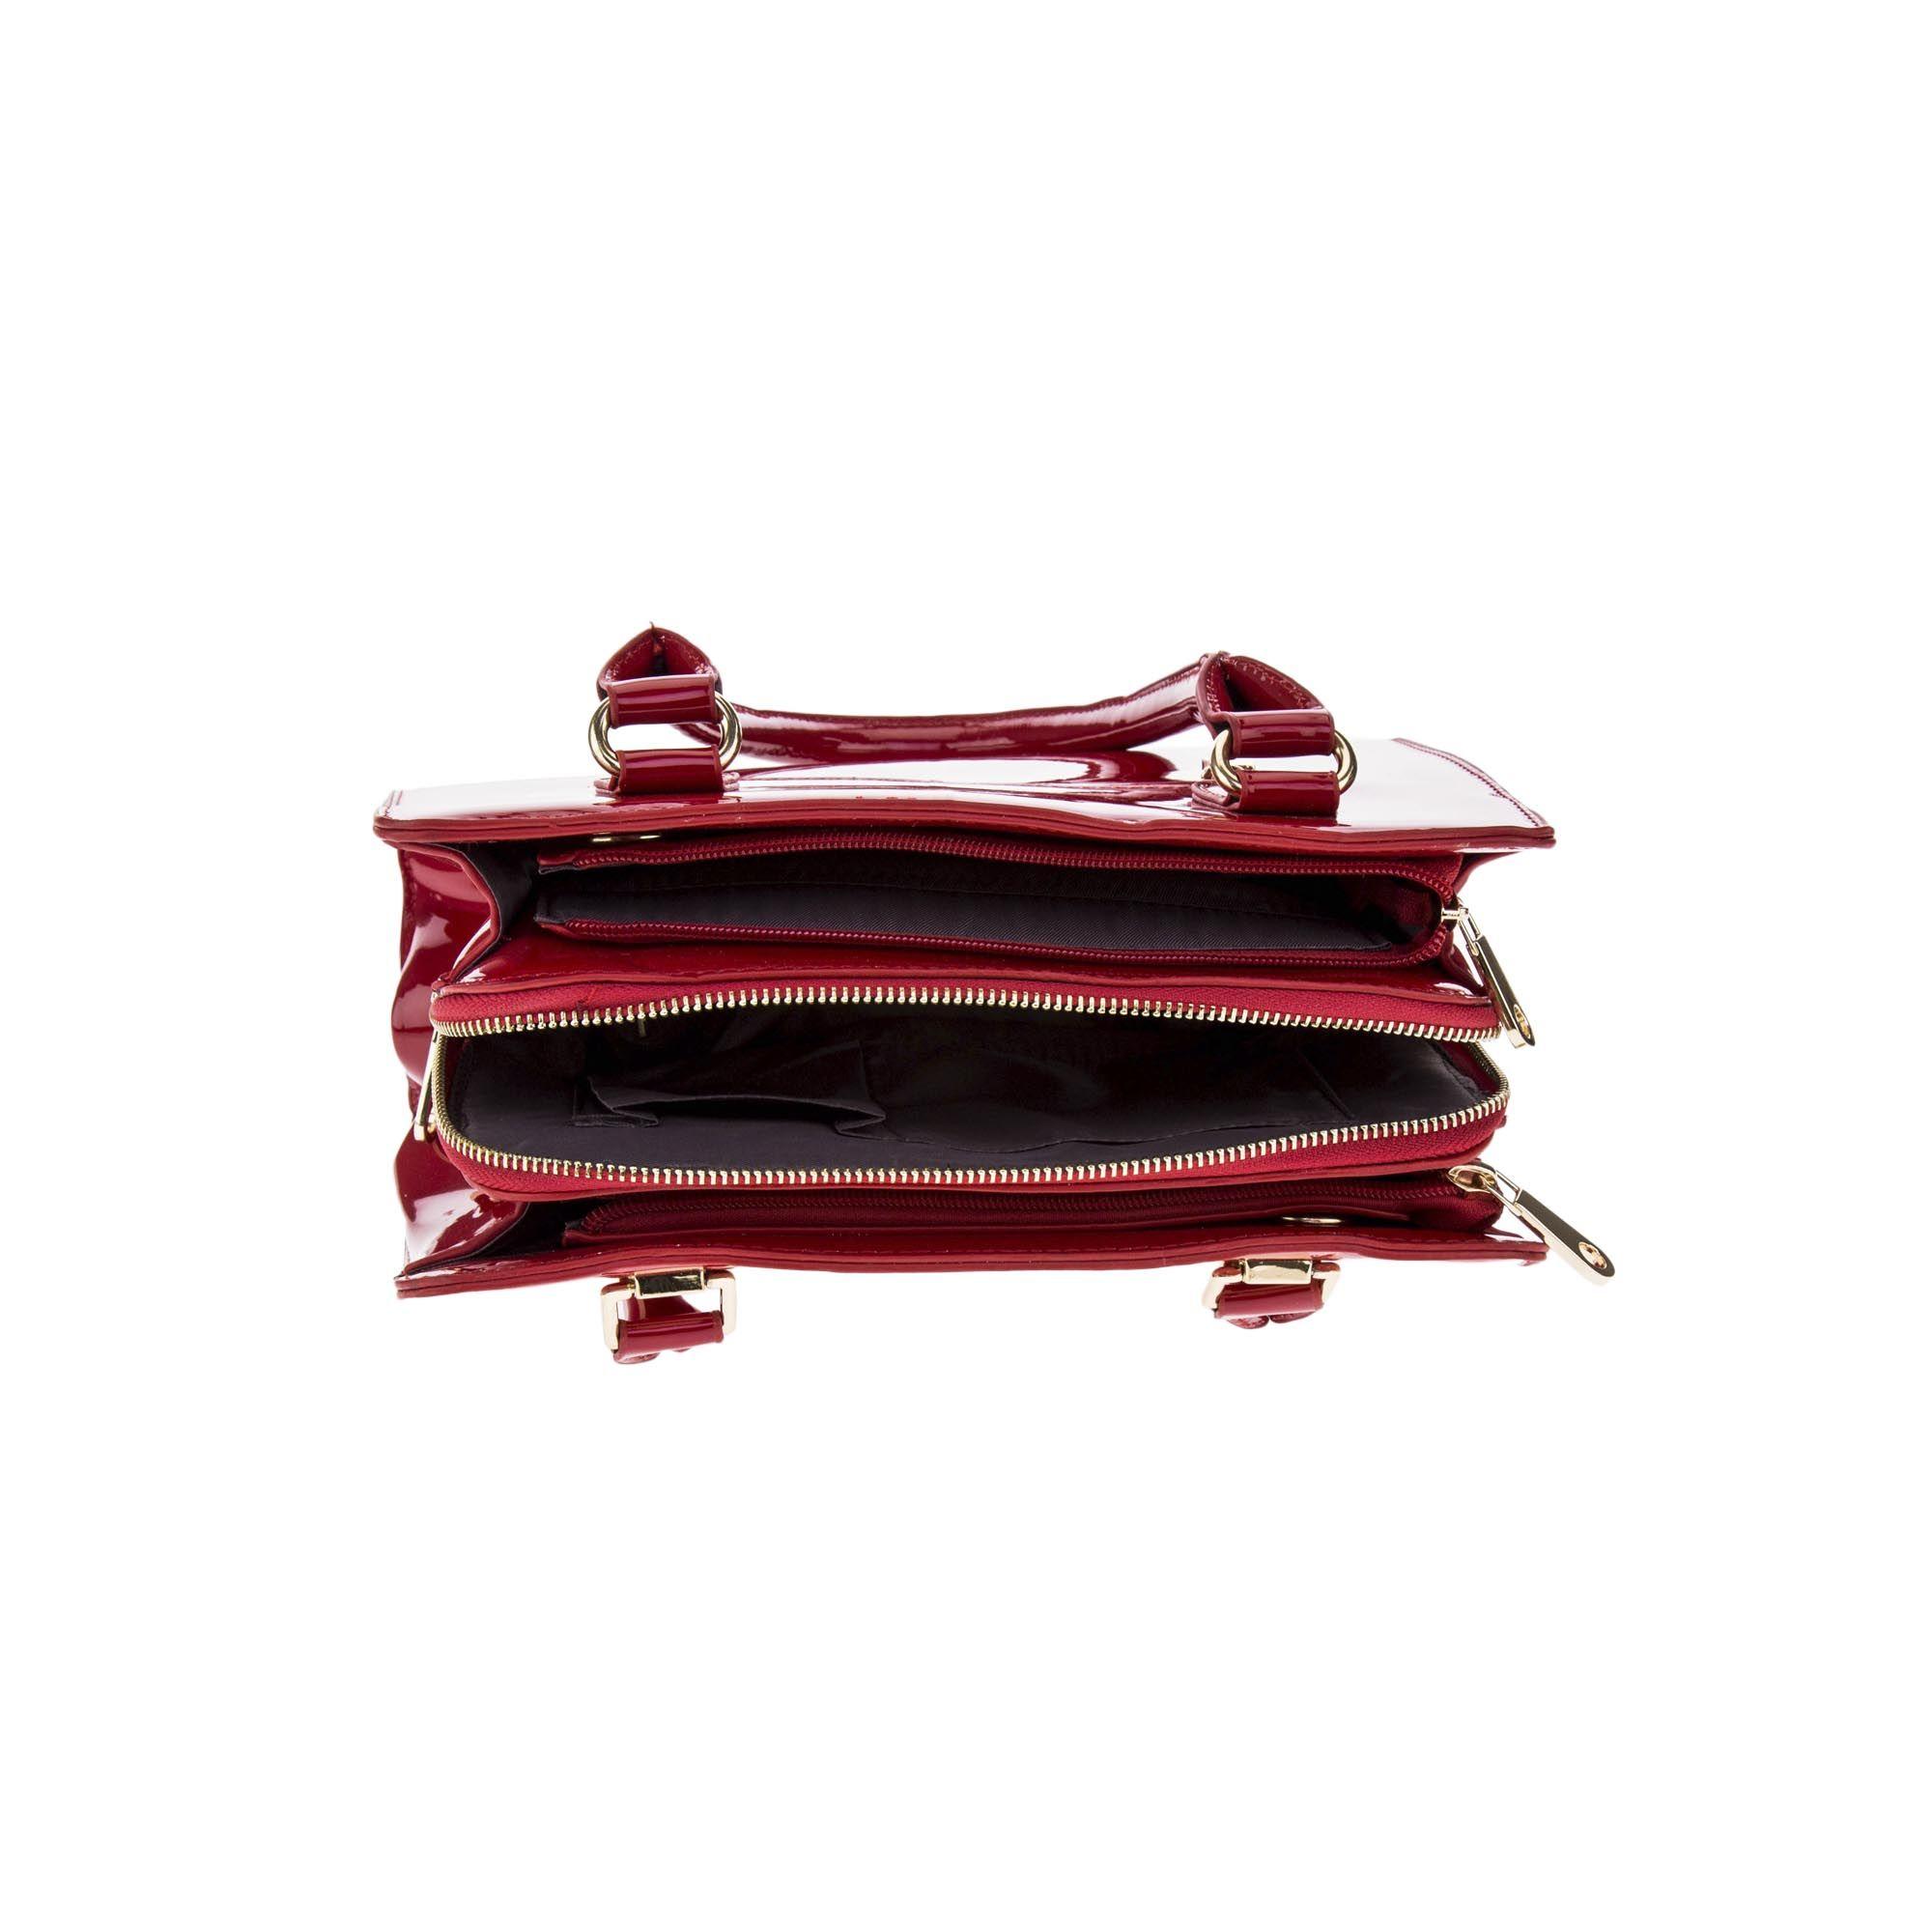 Bolsa de Ombro Verniz Vermelha com Alça Removível  - Prime Bolsas